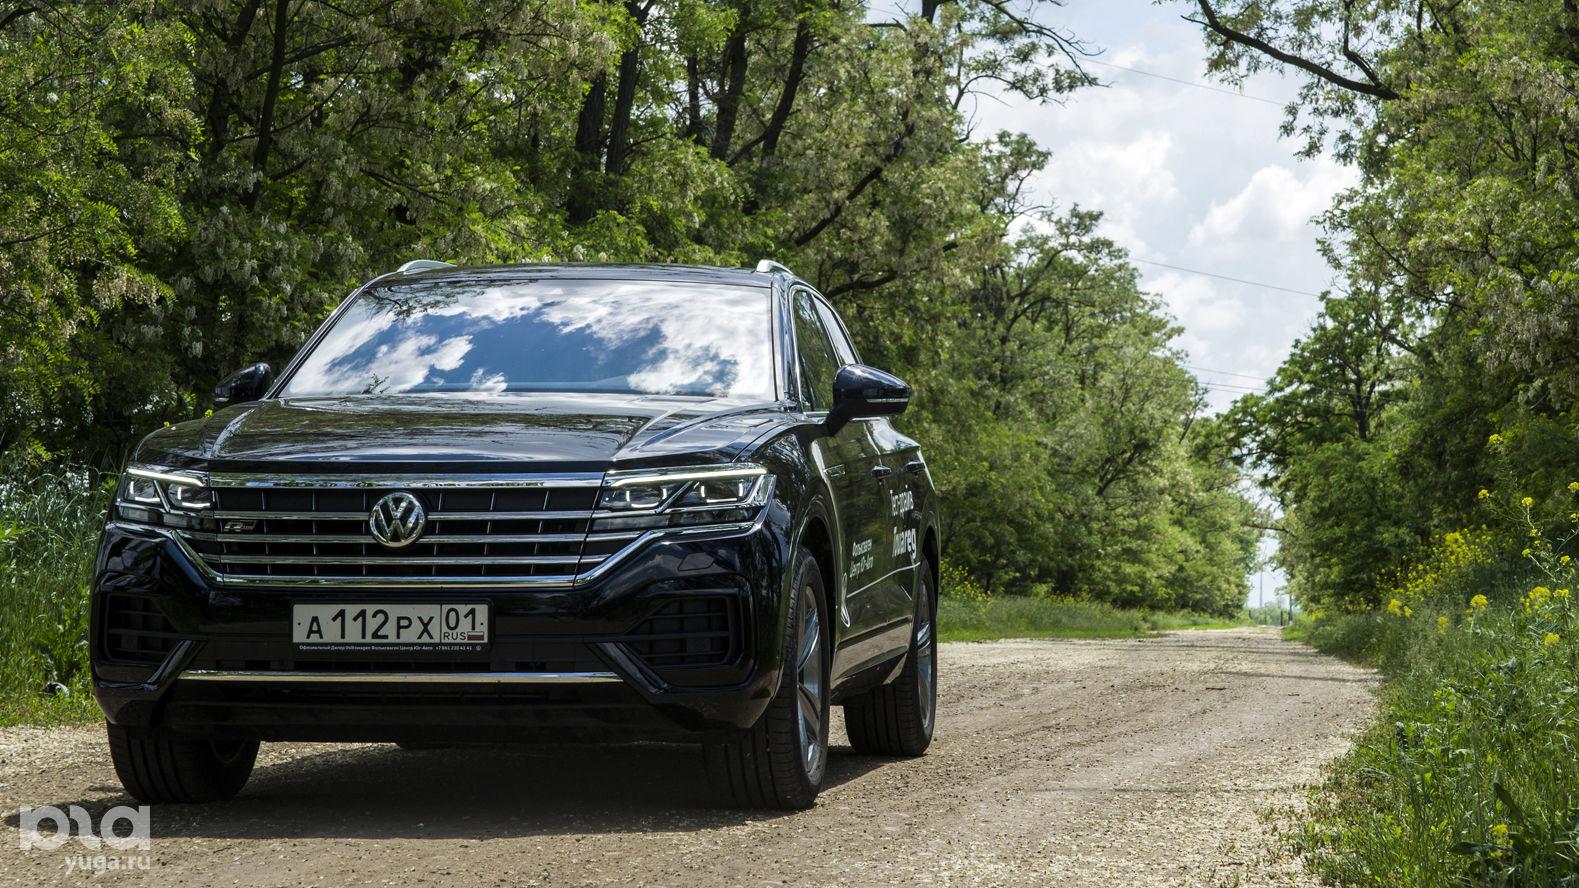 Тест-драйв Volkswagen Touareg ©Фото Евгения Мельченко